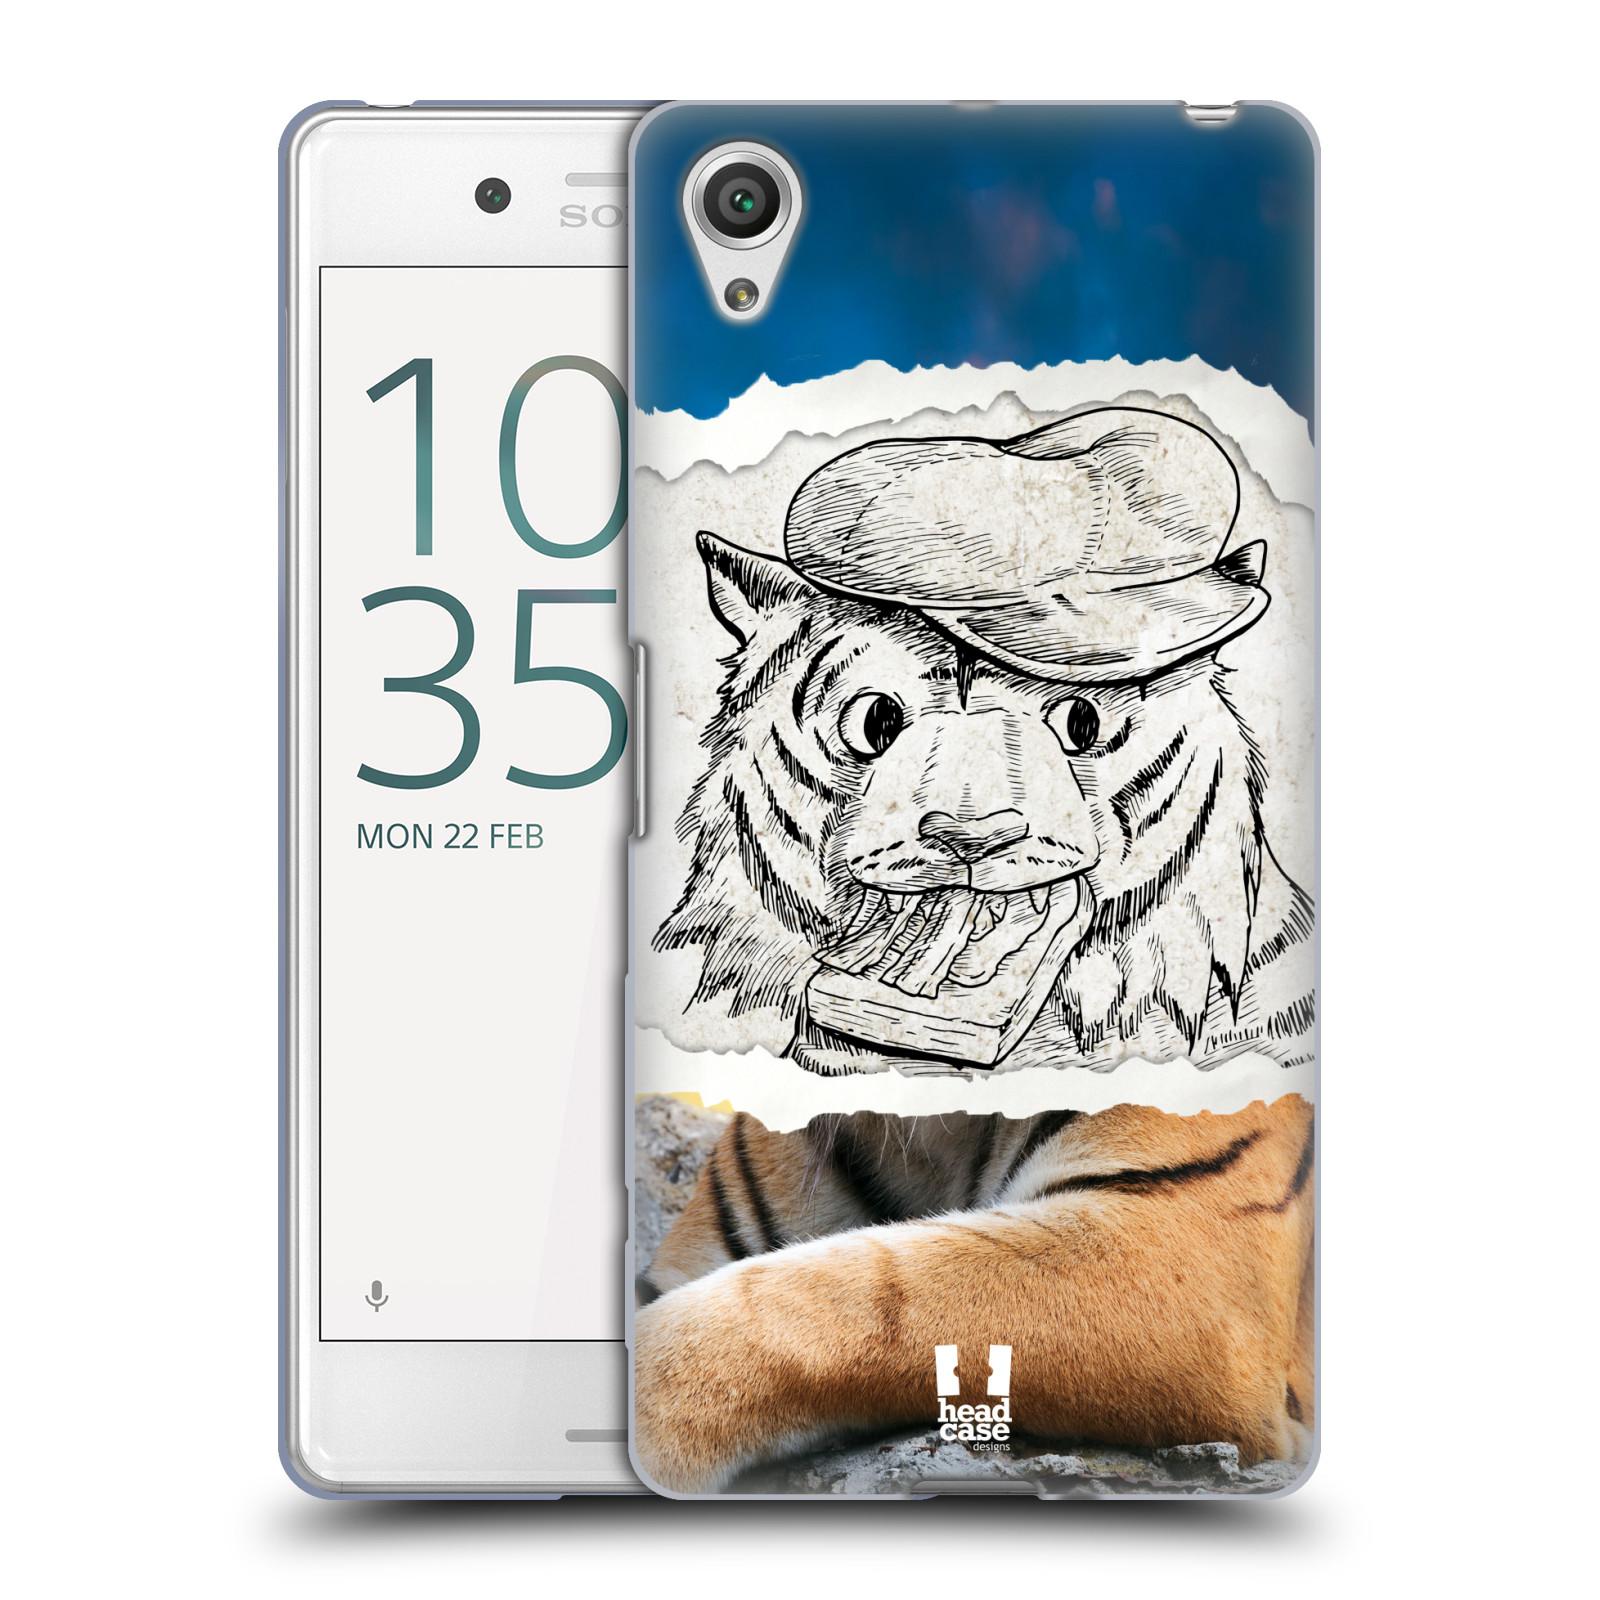 HEAD CASE silikonový obal na mobil Sony Xperia X PERFORMANCE (F8131, F8132) vzor zvířata koláž tygr fešák